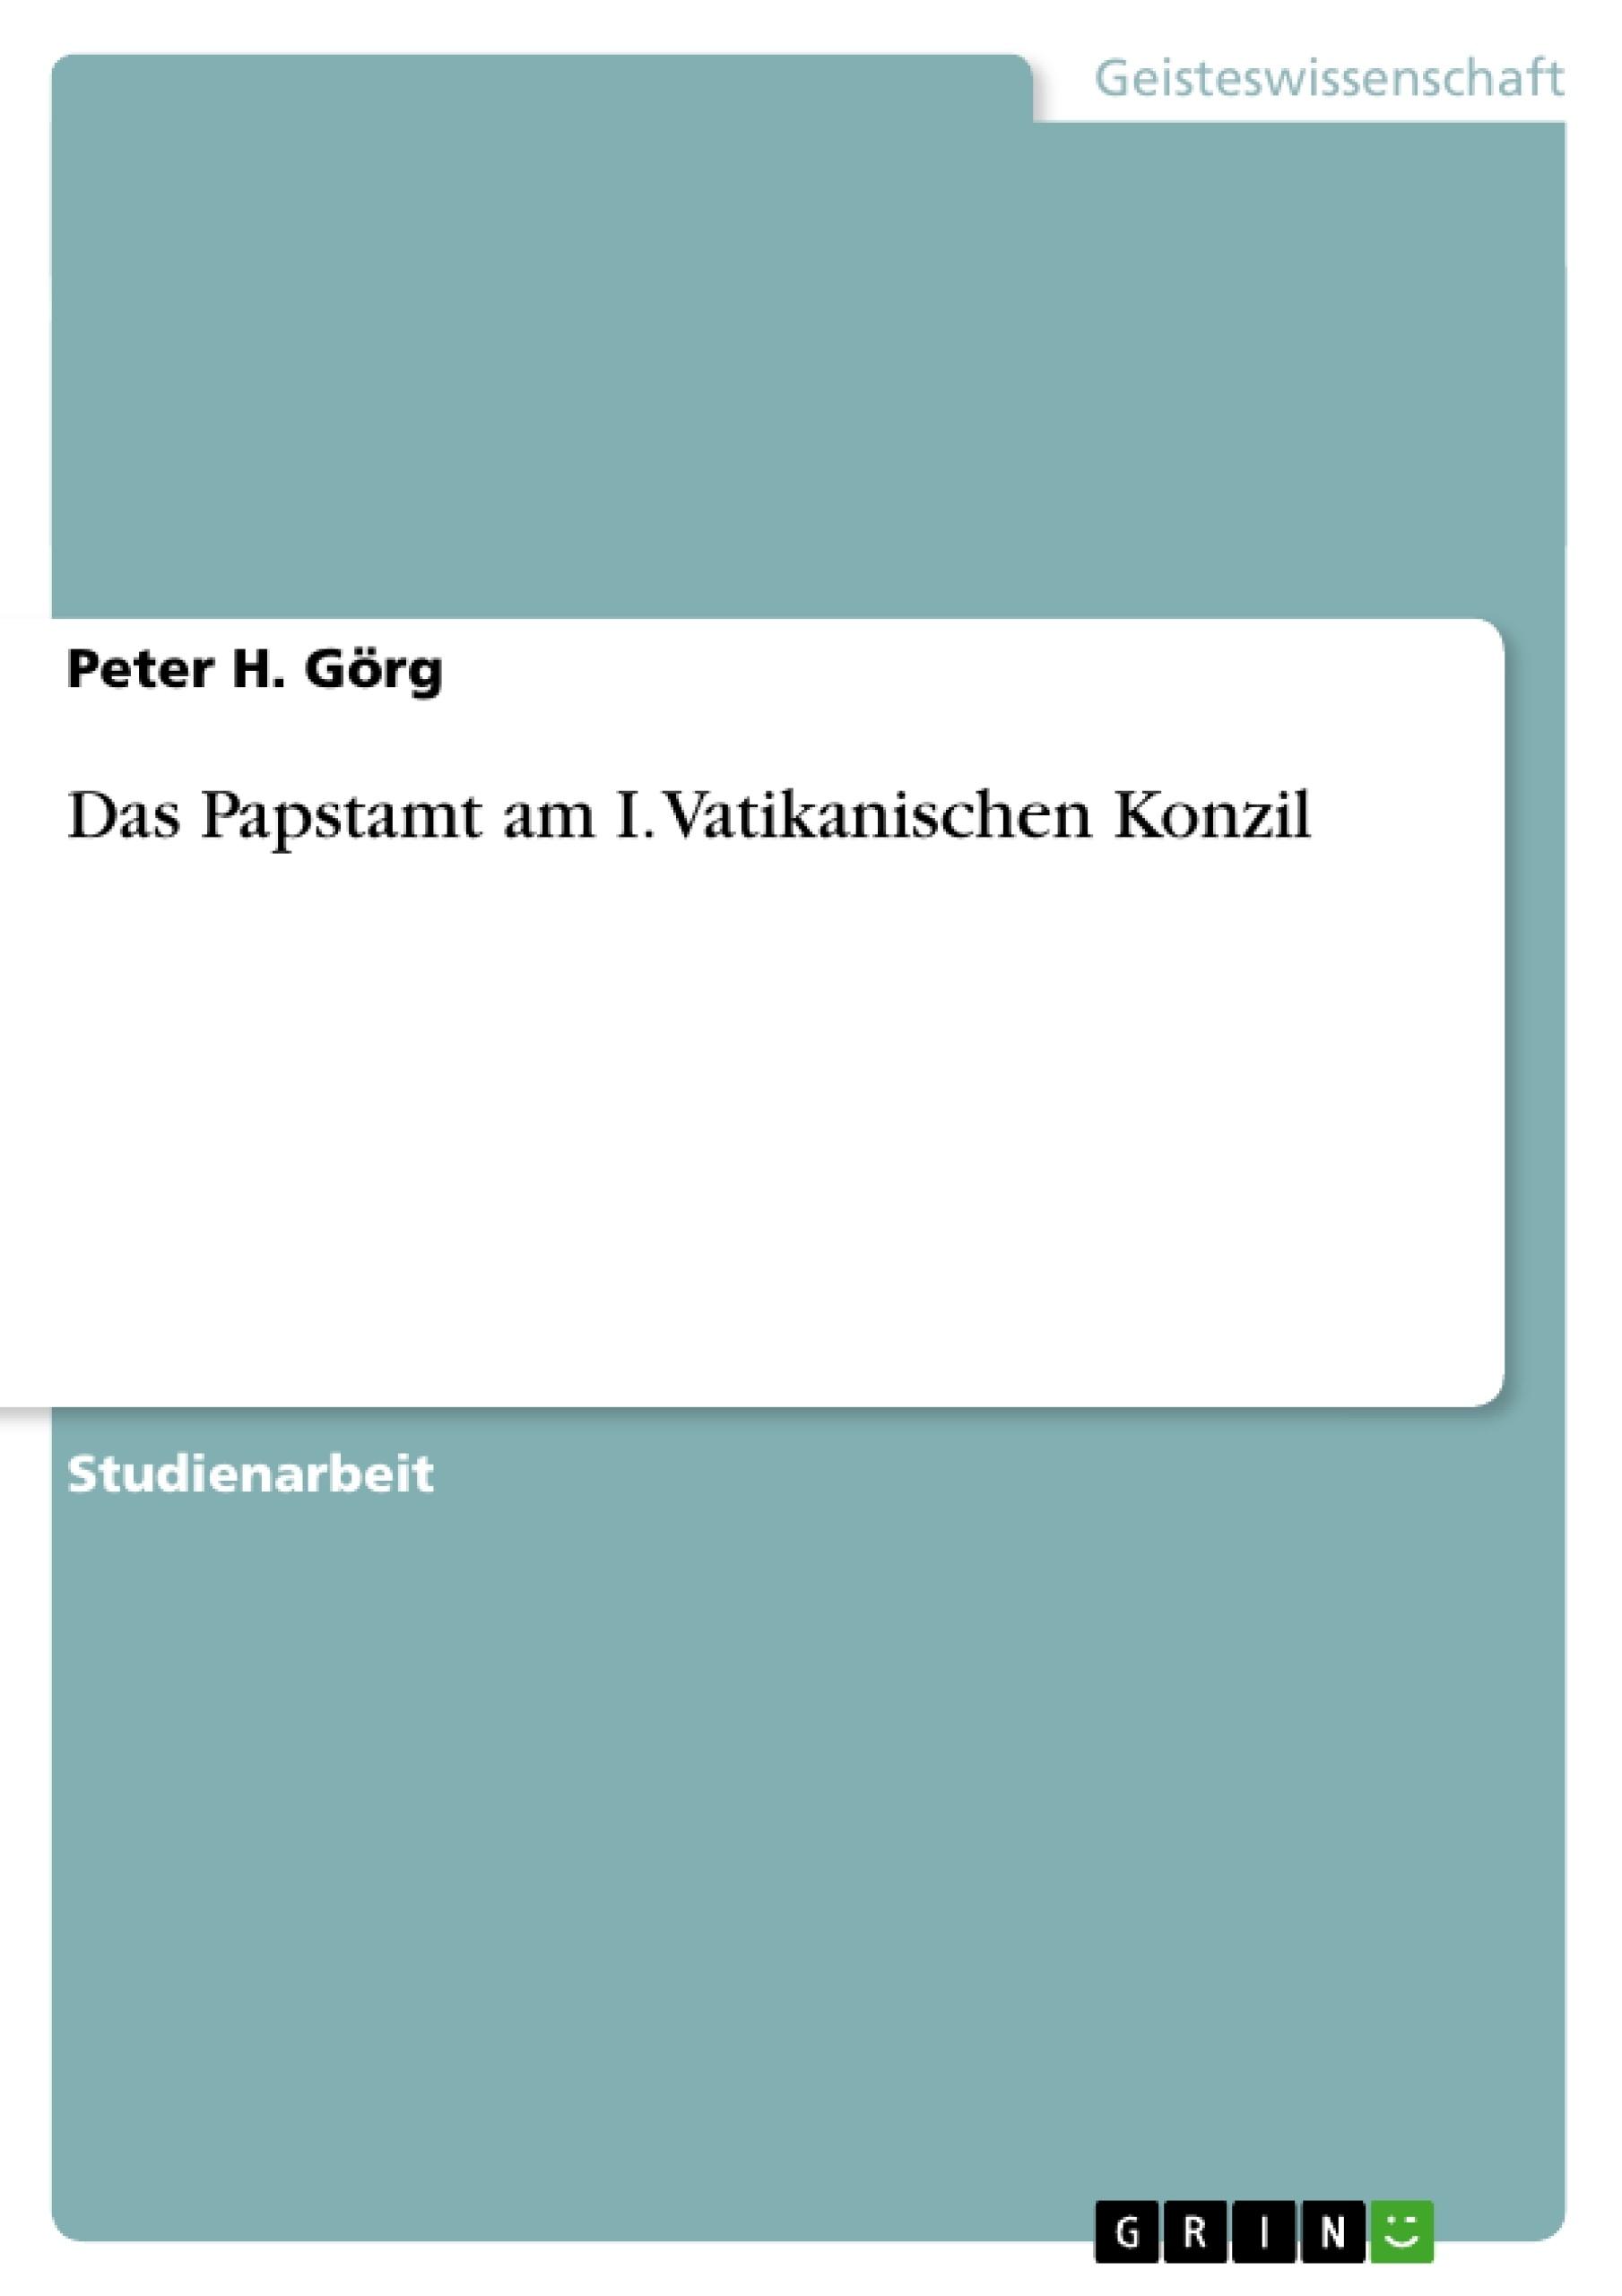 Titel: Das Papstamt am I. Vatikanischen Konzil